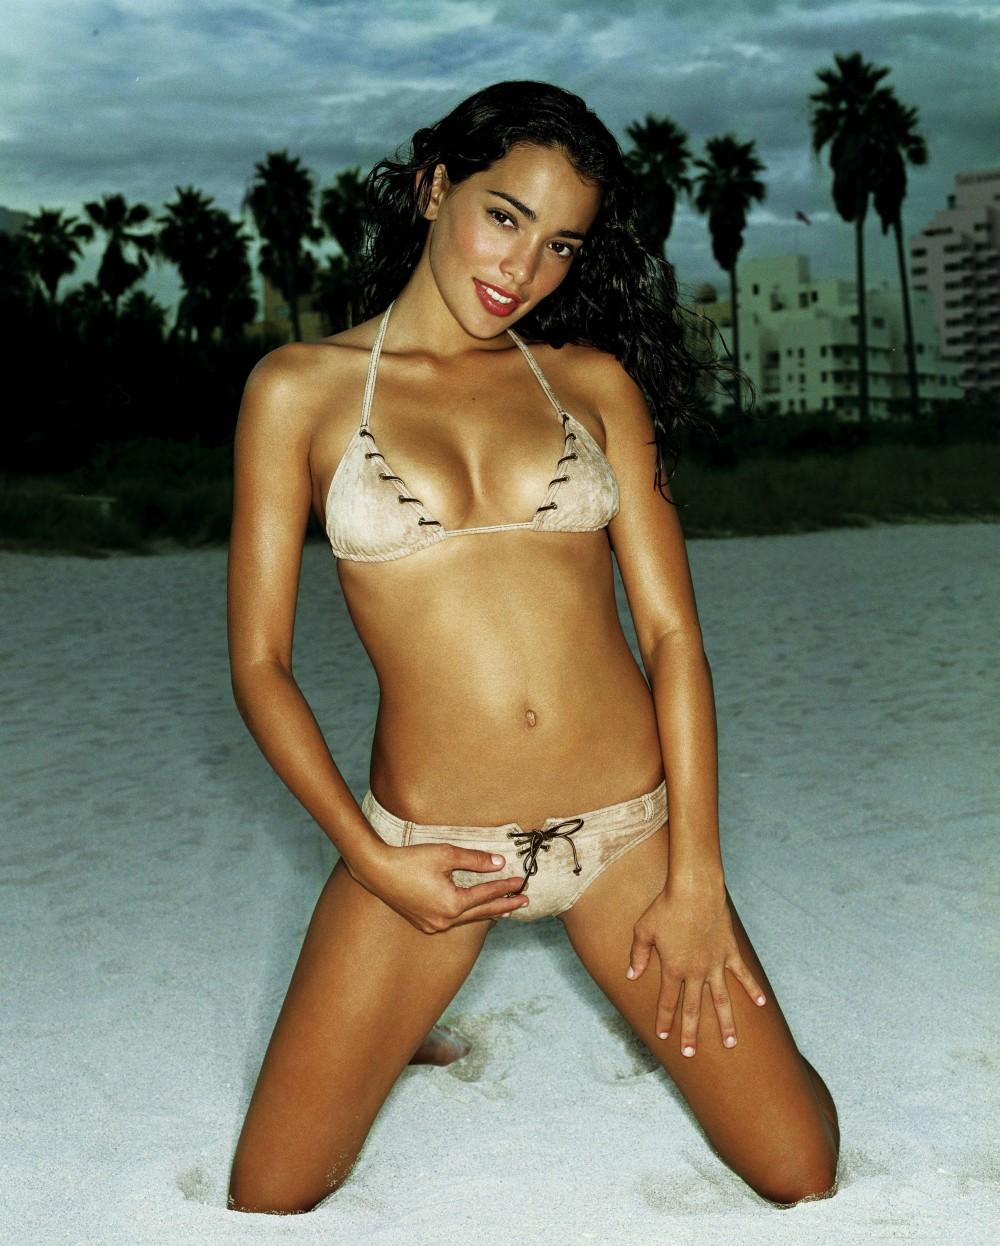 model Natalie martinez hot | hot model hot actress hot pics